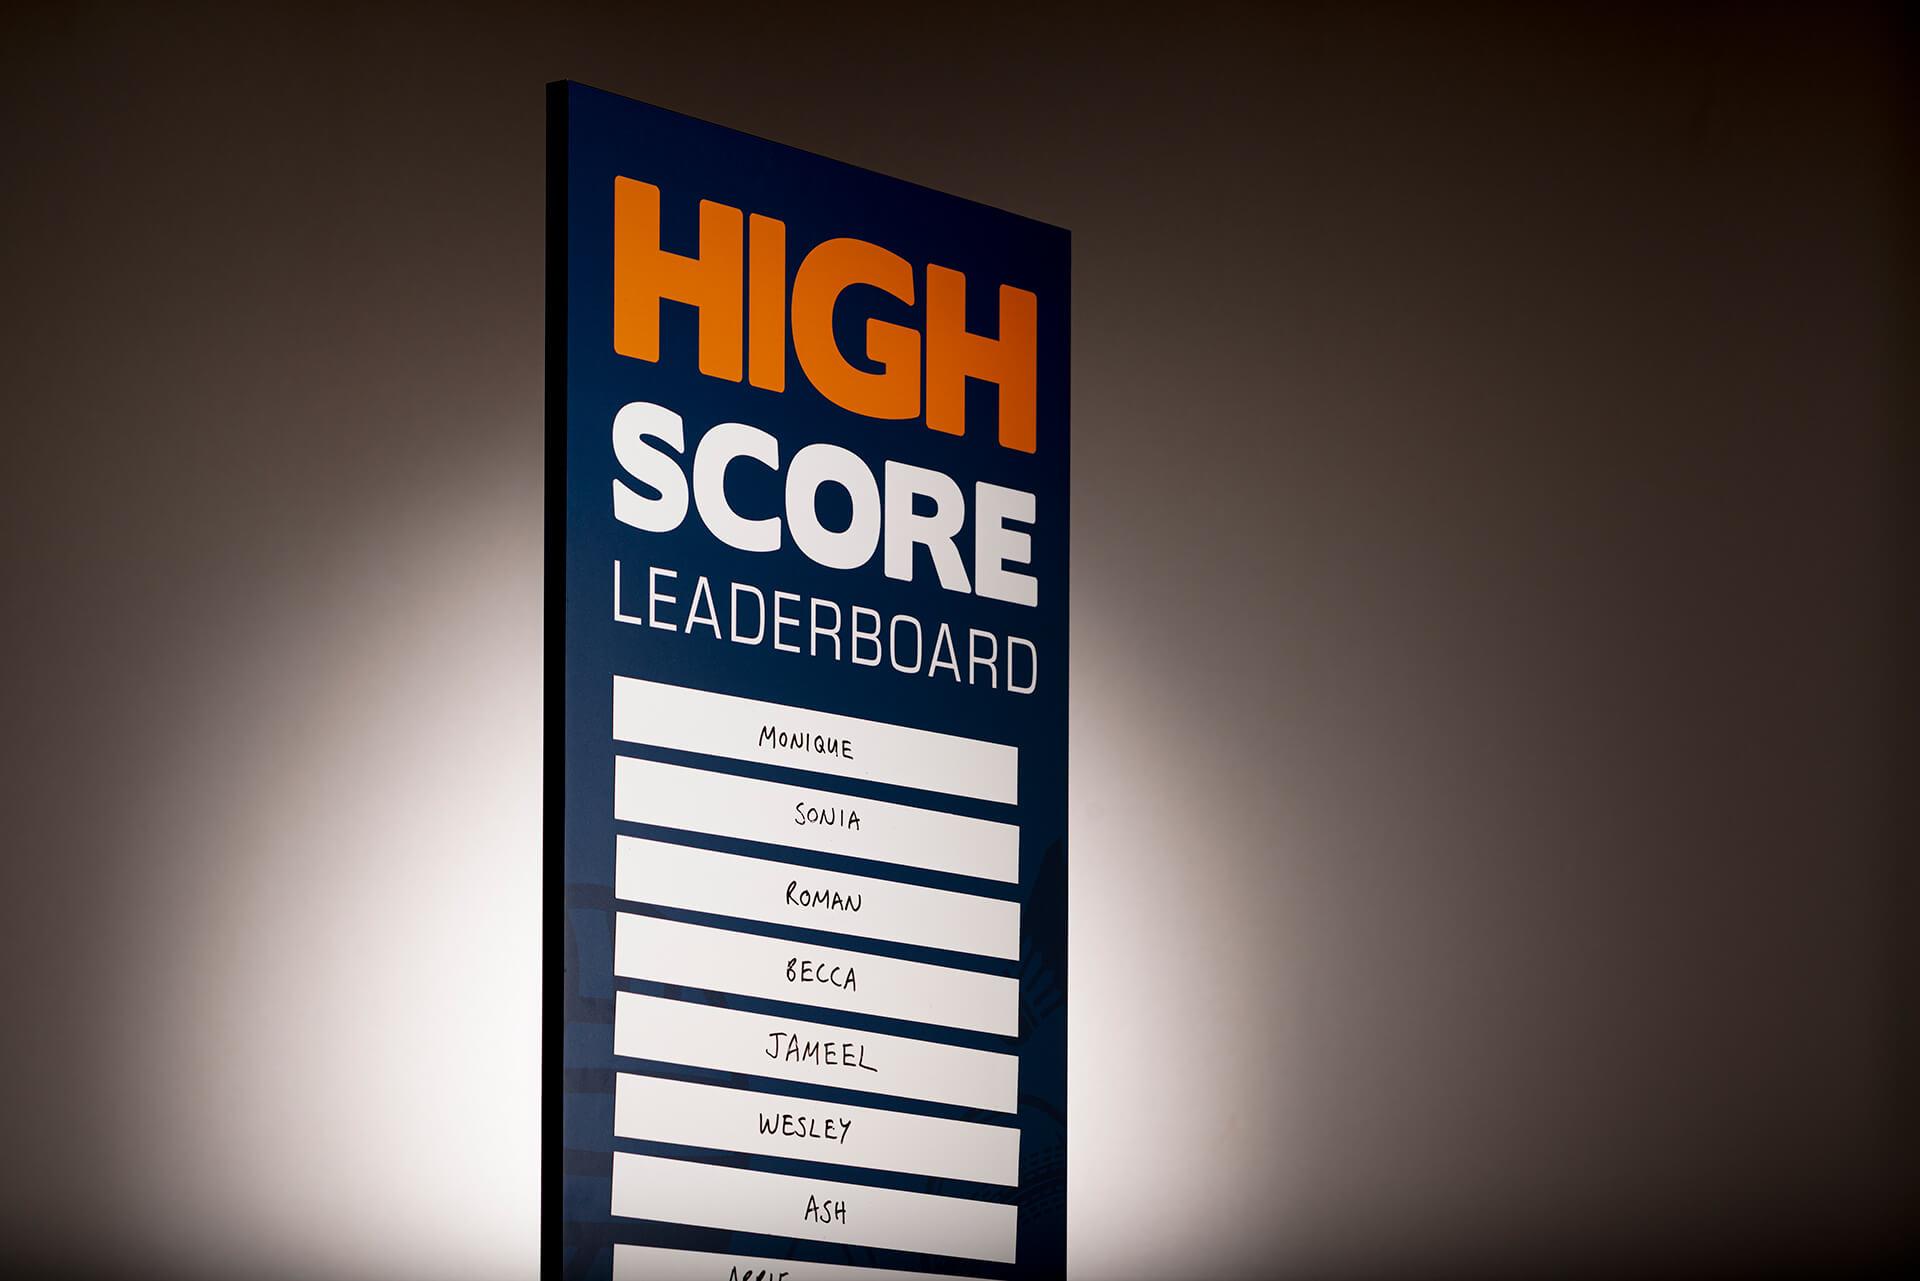 Custom printed leaderboard